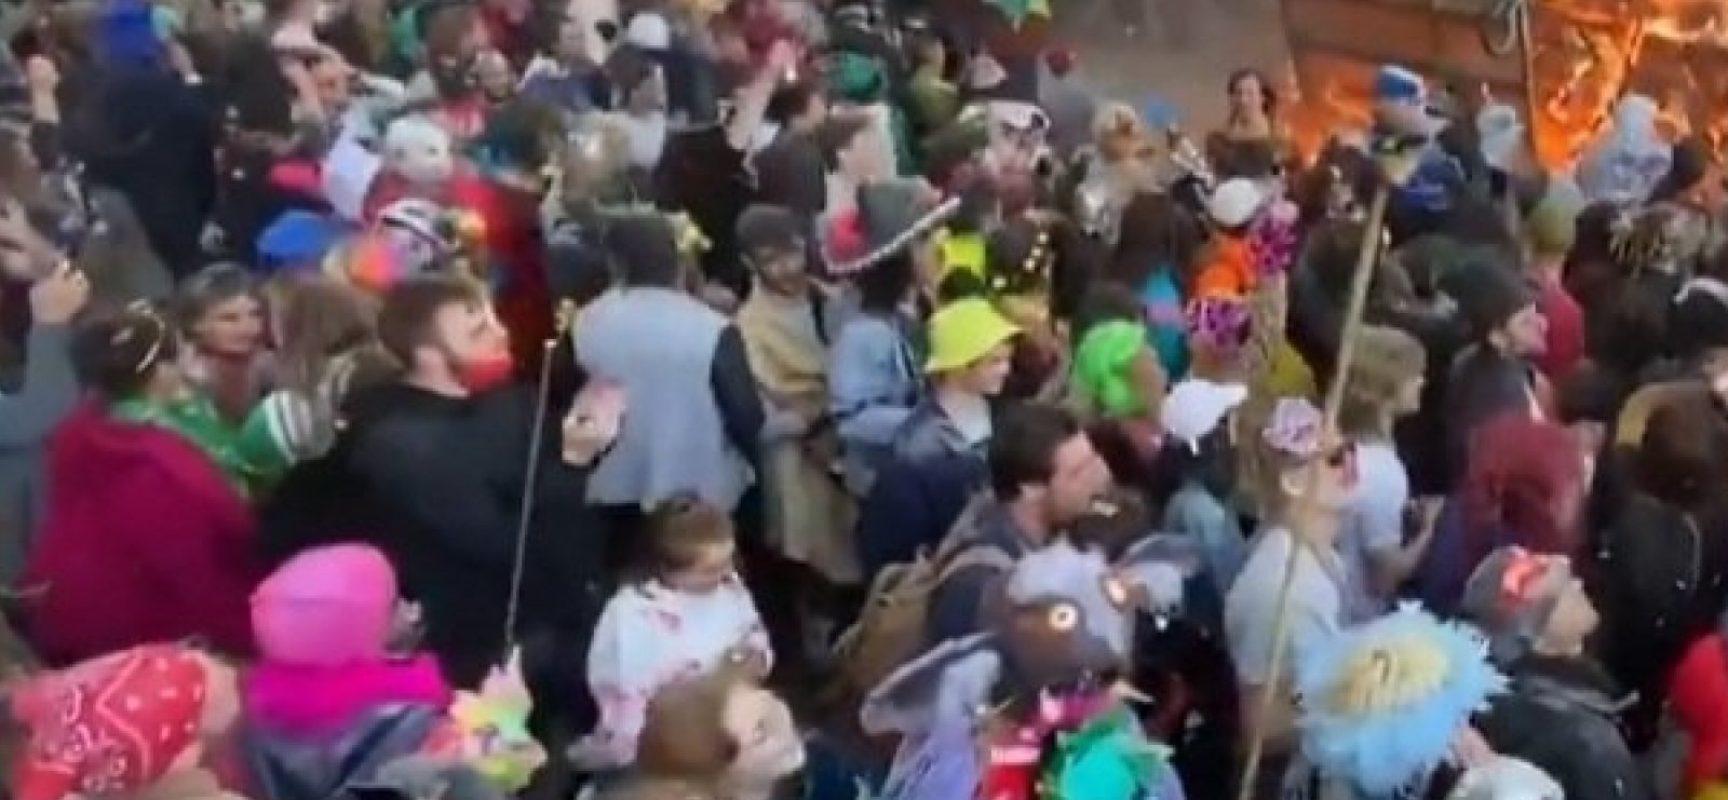 No sul da França, carnaval ilegal reúne cerca de 6,5 mil pessoas sem medidas contra Covid-19